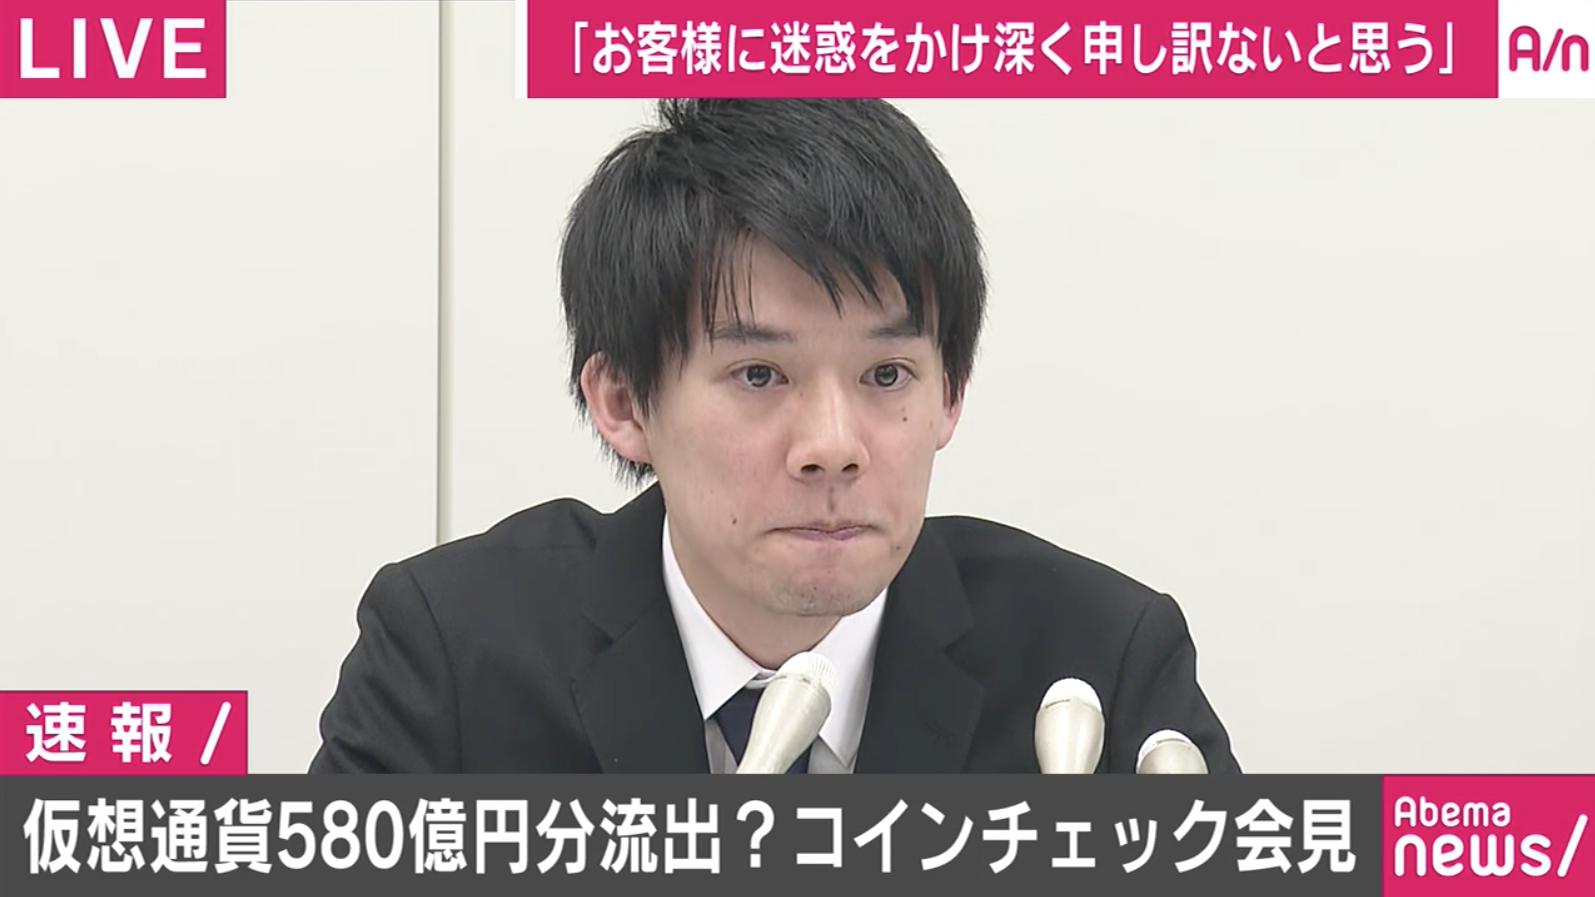 和田代表・大塚取締役の答弁のキャプチャ画像